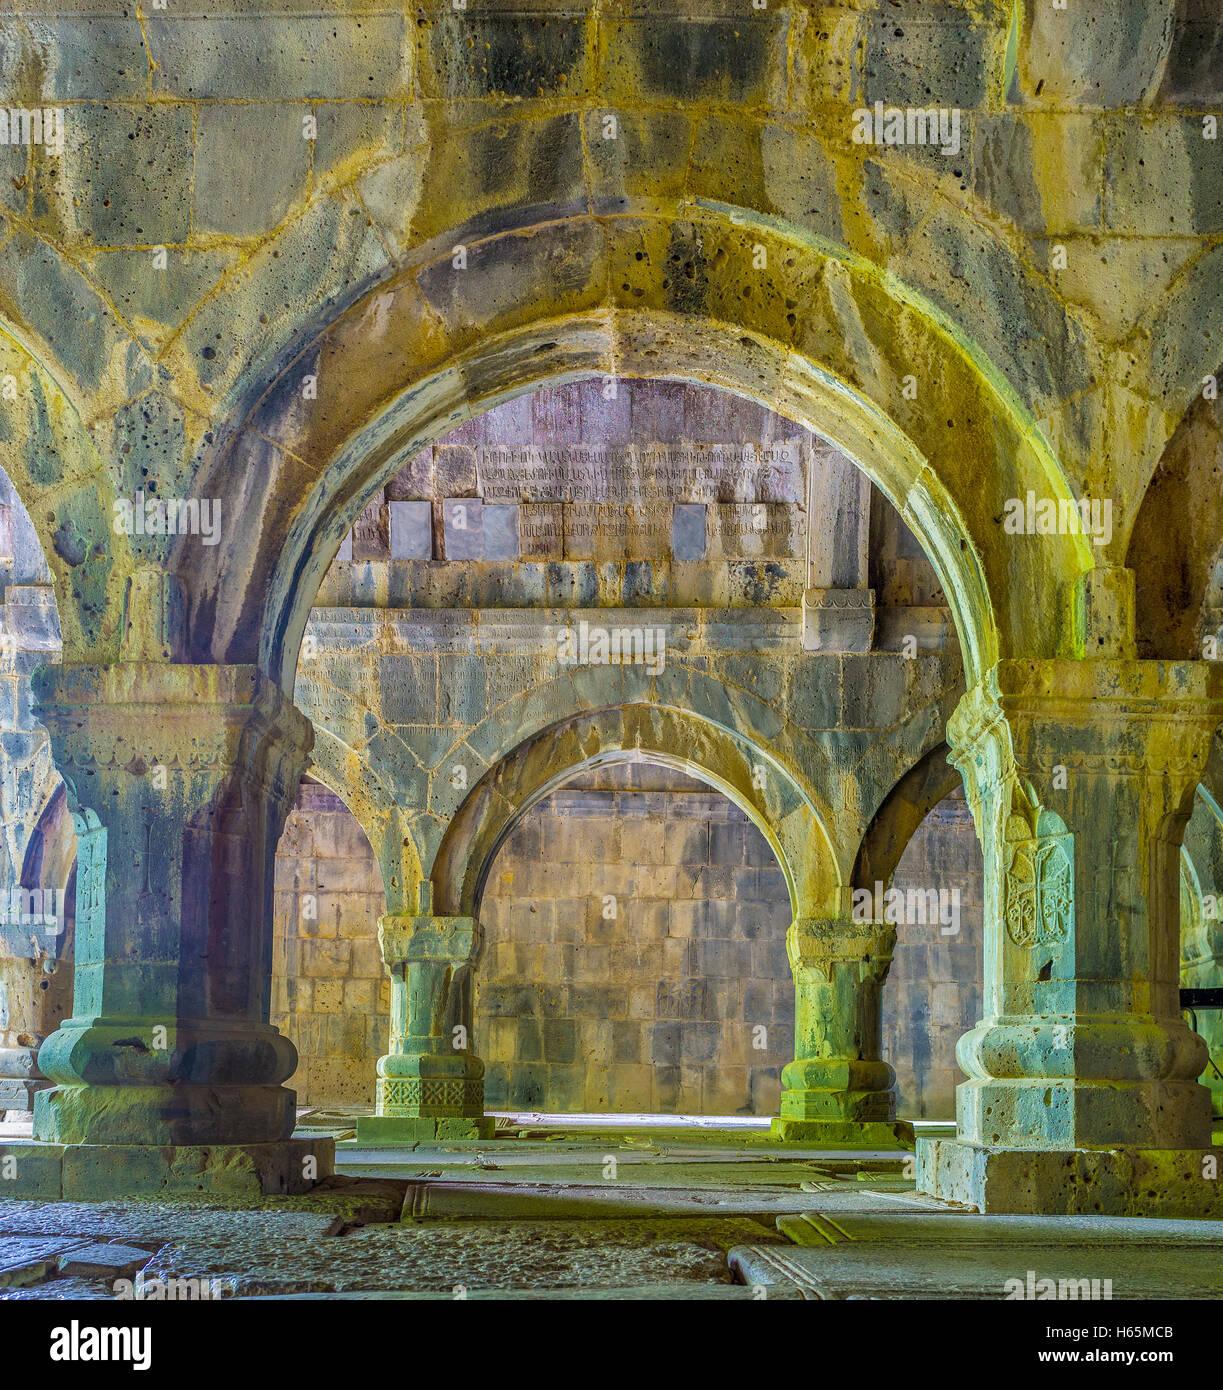 O salão de orações do Mosteiro de Sanahin com colunas e arcos de pedra, Arménia Sanahin Imagens de Stock